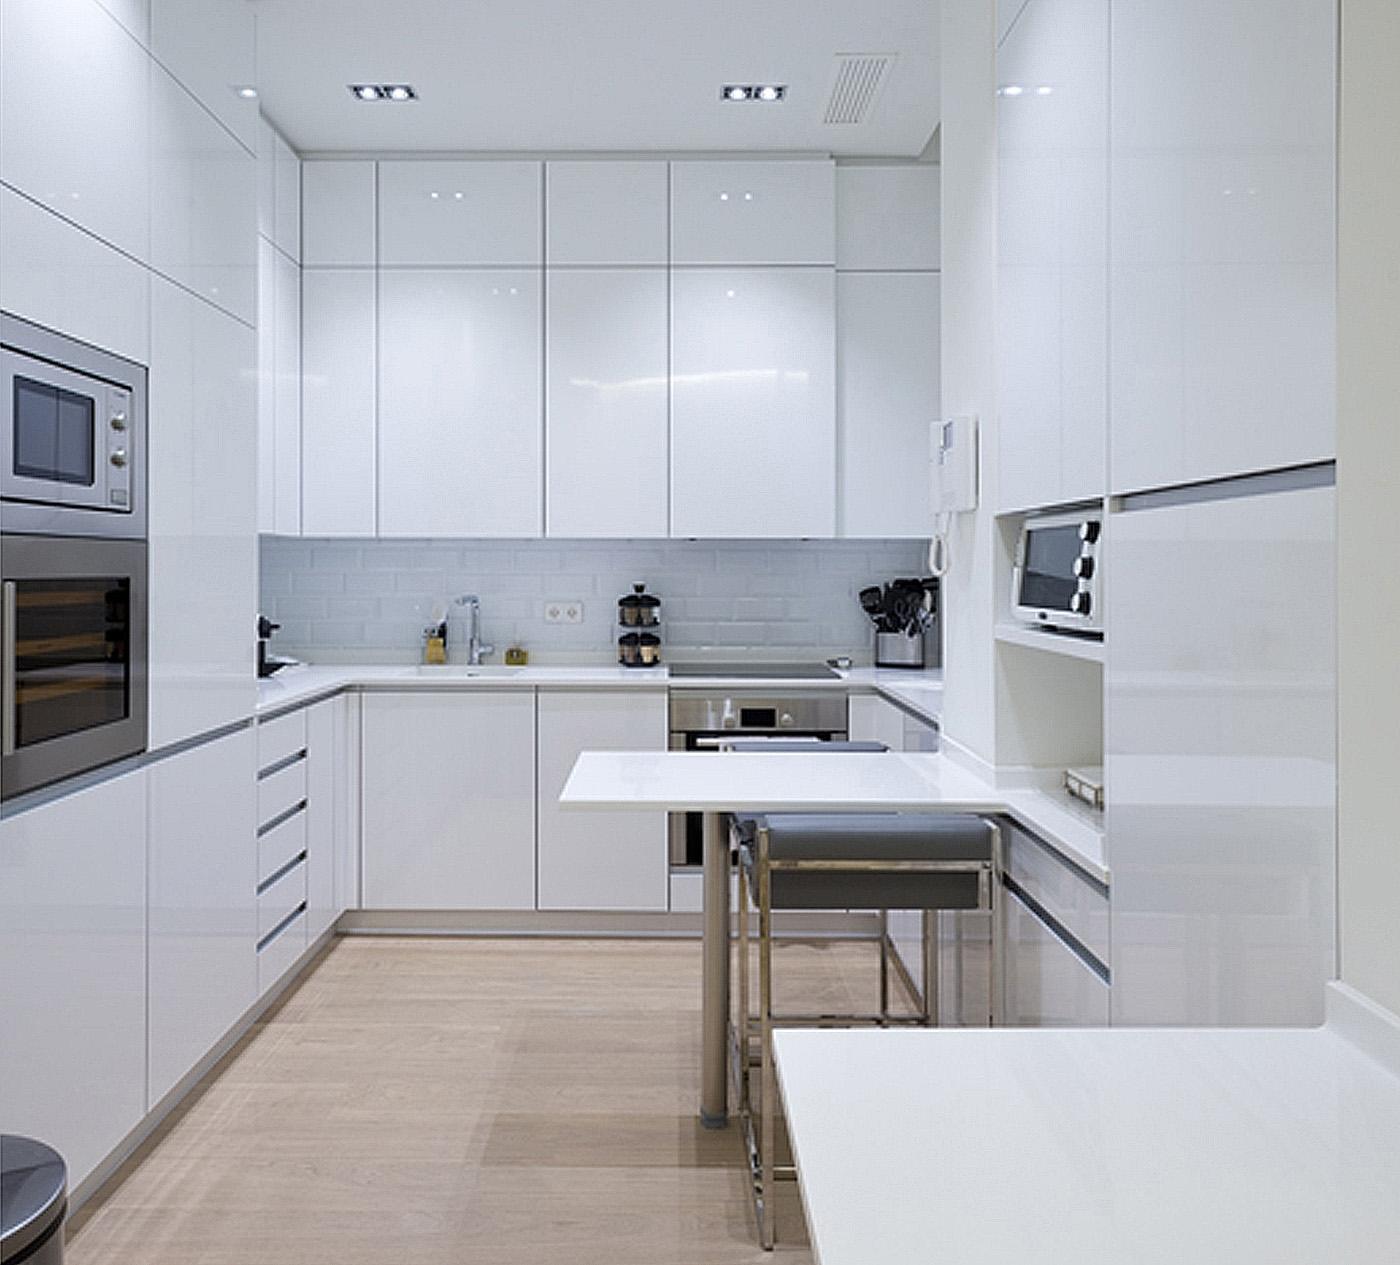 Imagenes de cocinas blancas cocinas blancas fotos de for Cocinas blancas